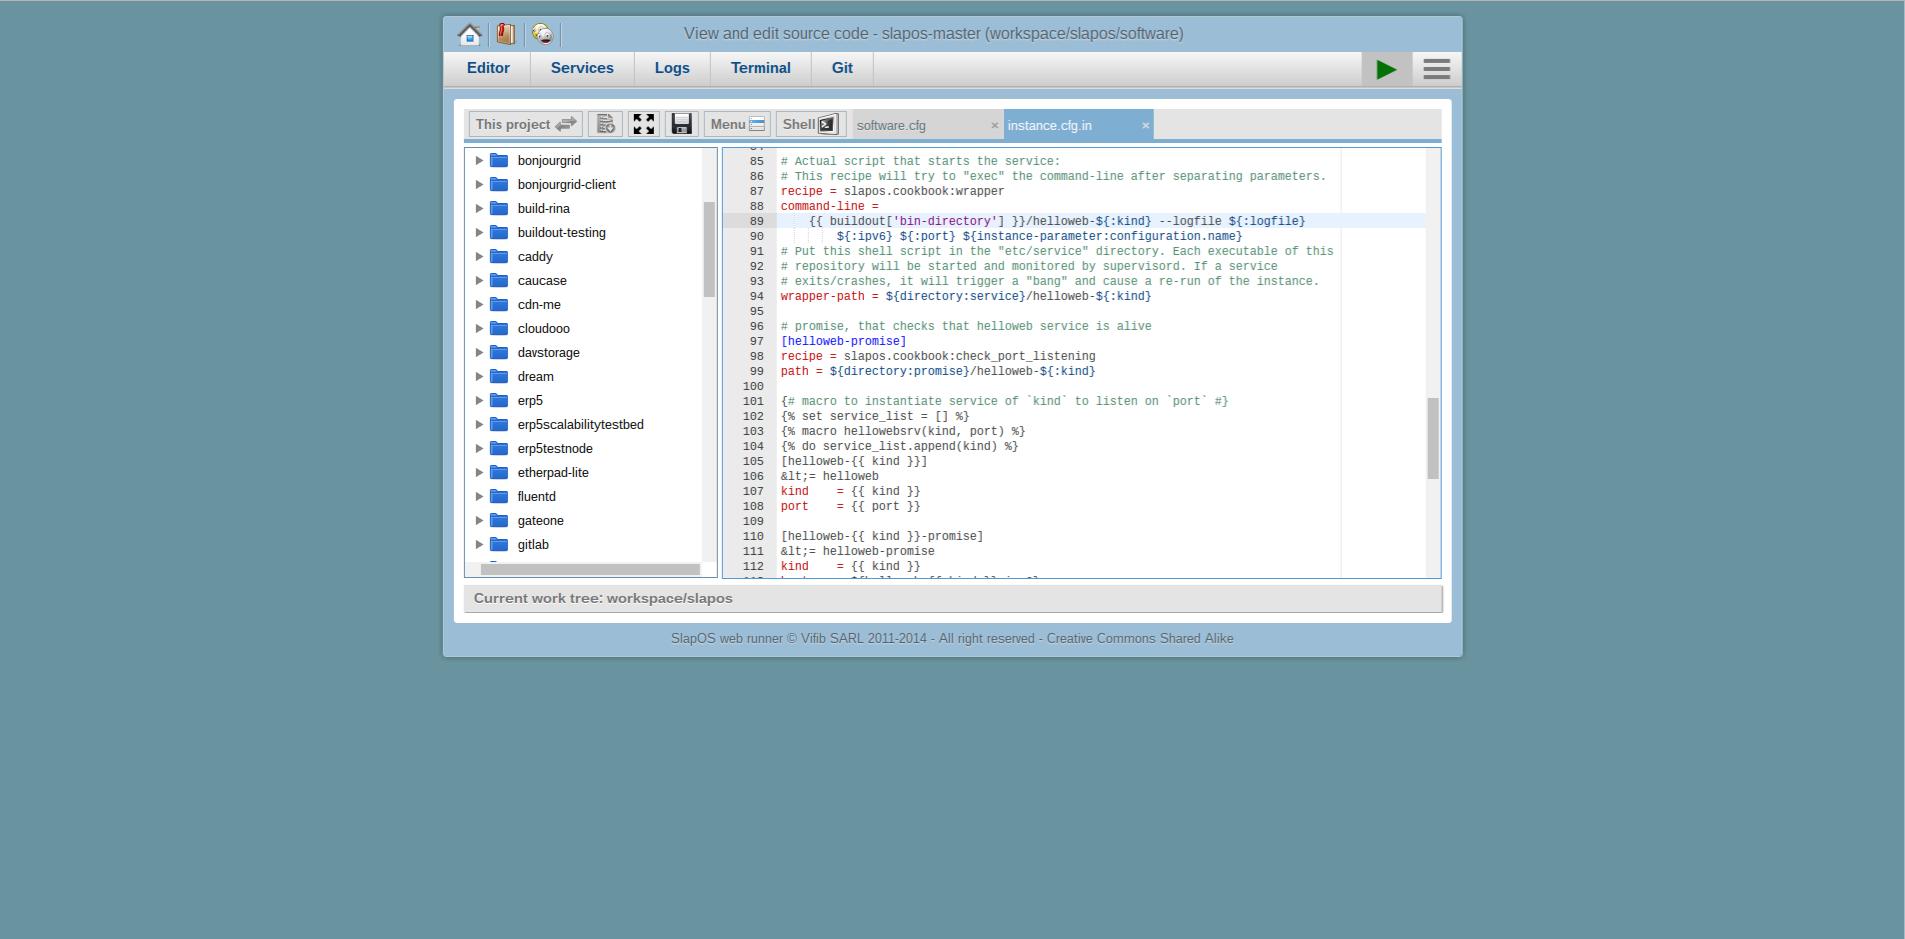 Extending Software Release - Webrunner Interface - Software Rebuild